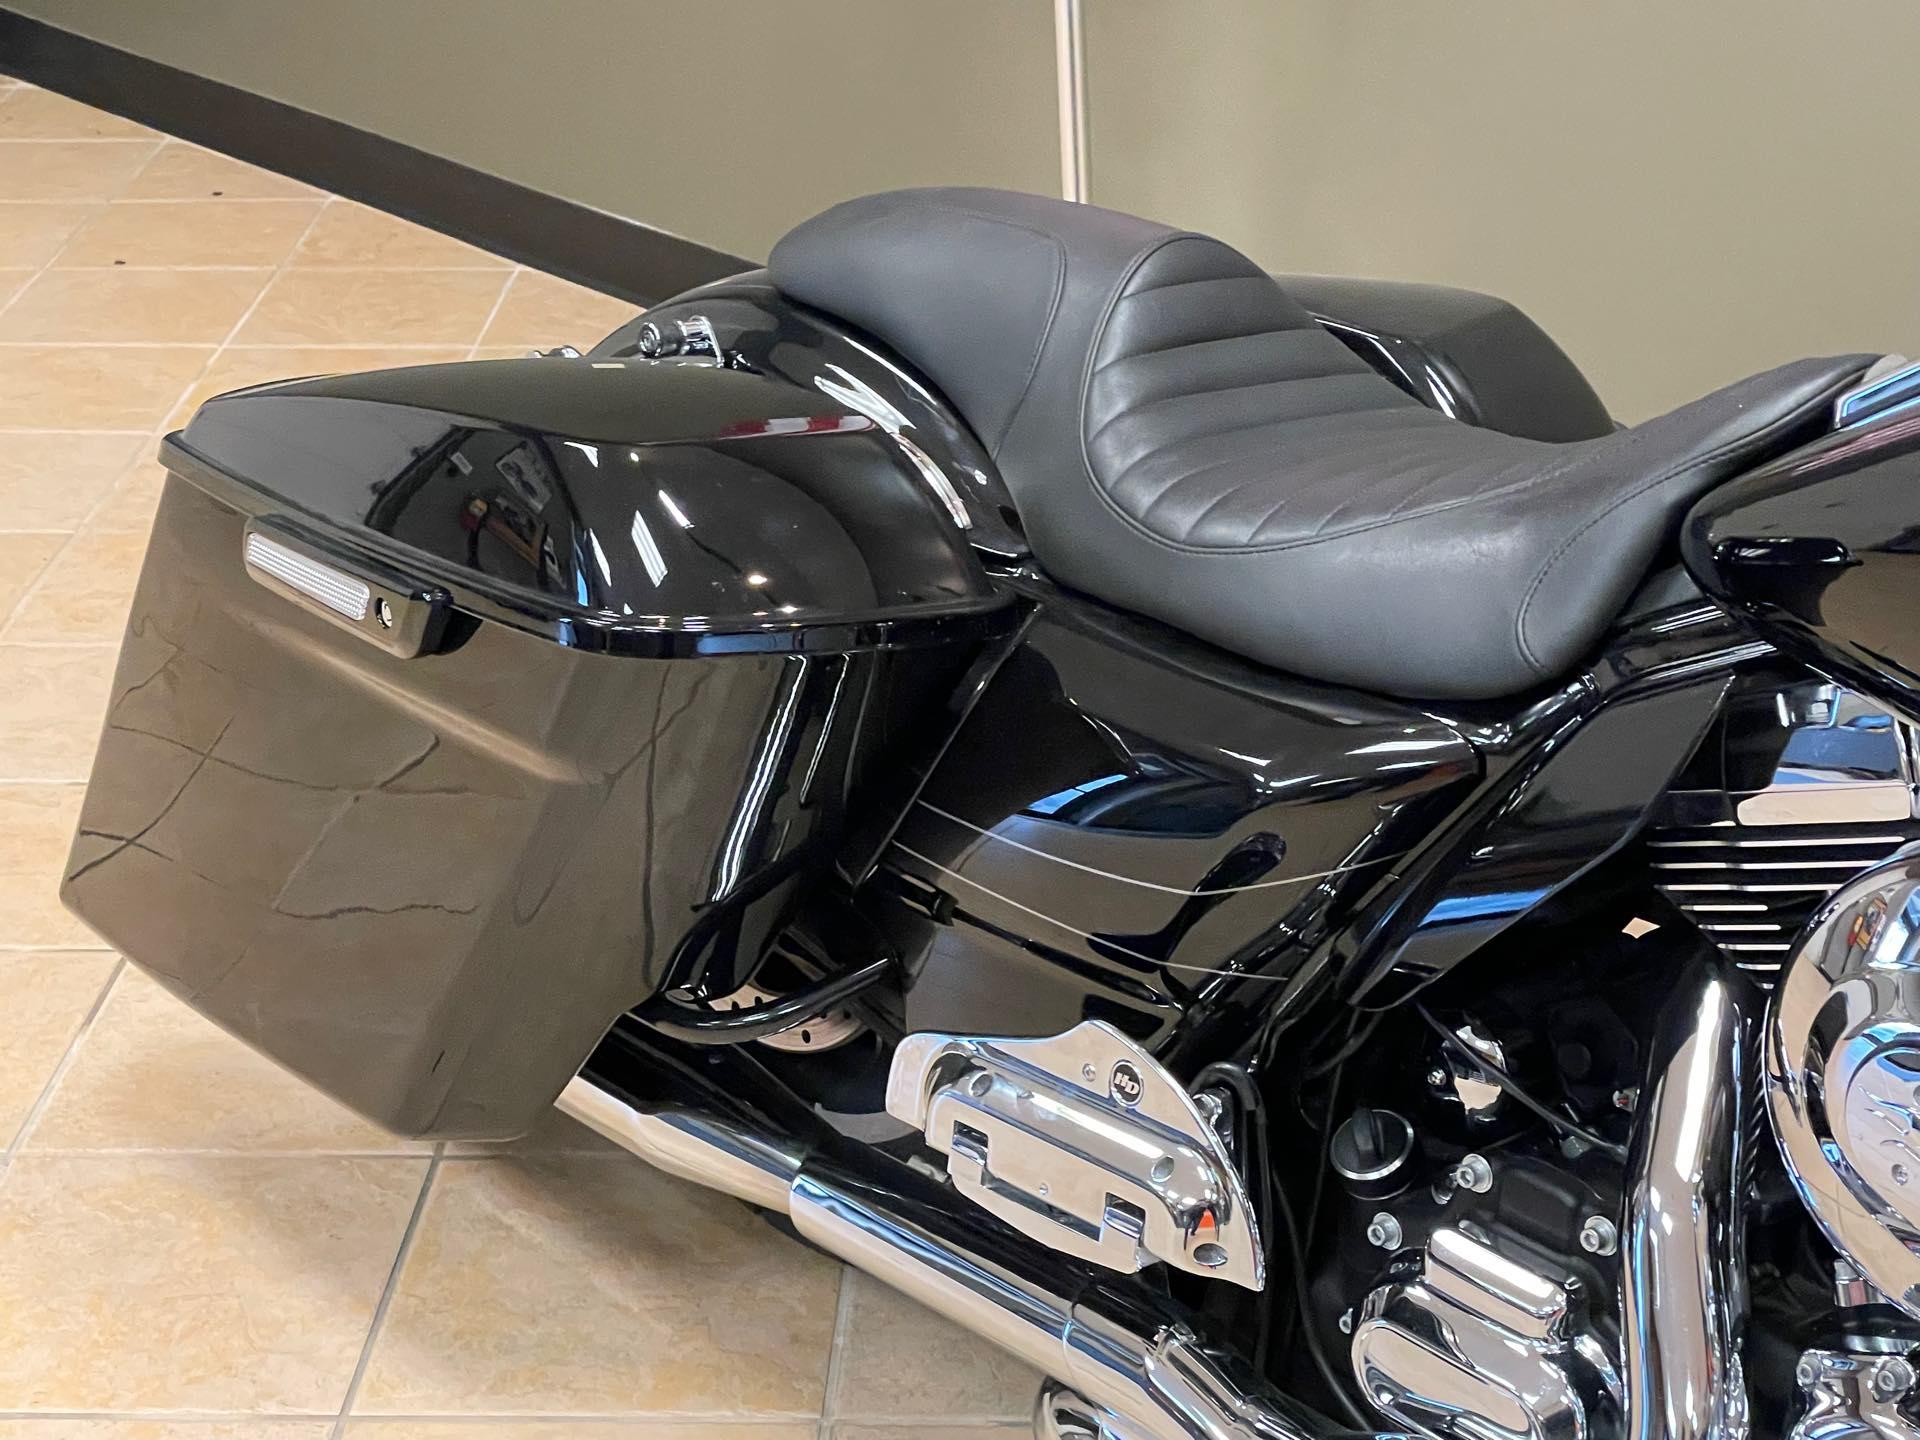 2015 Harley-Davidson Street Glide Special at Loess Hills Harley-Davidson